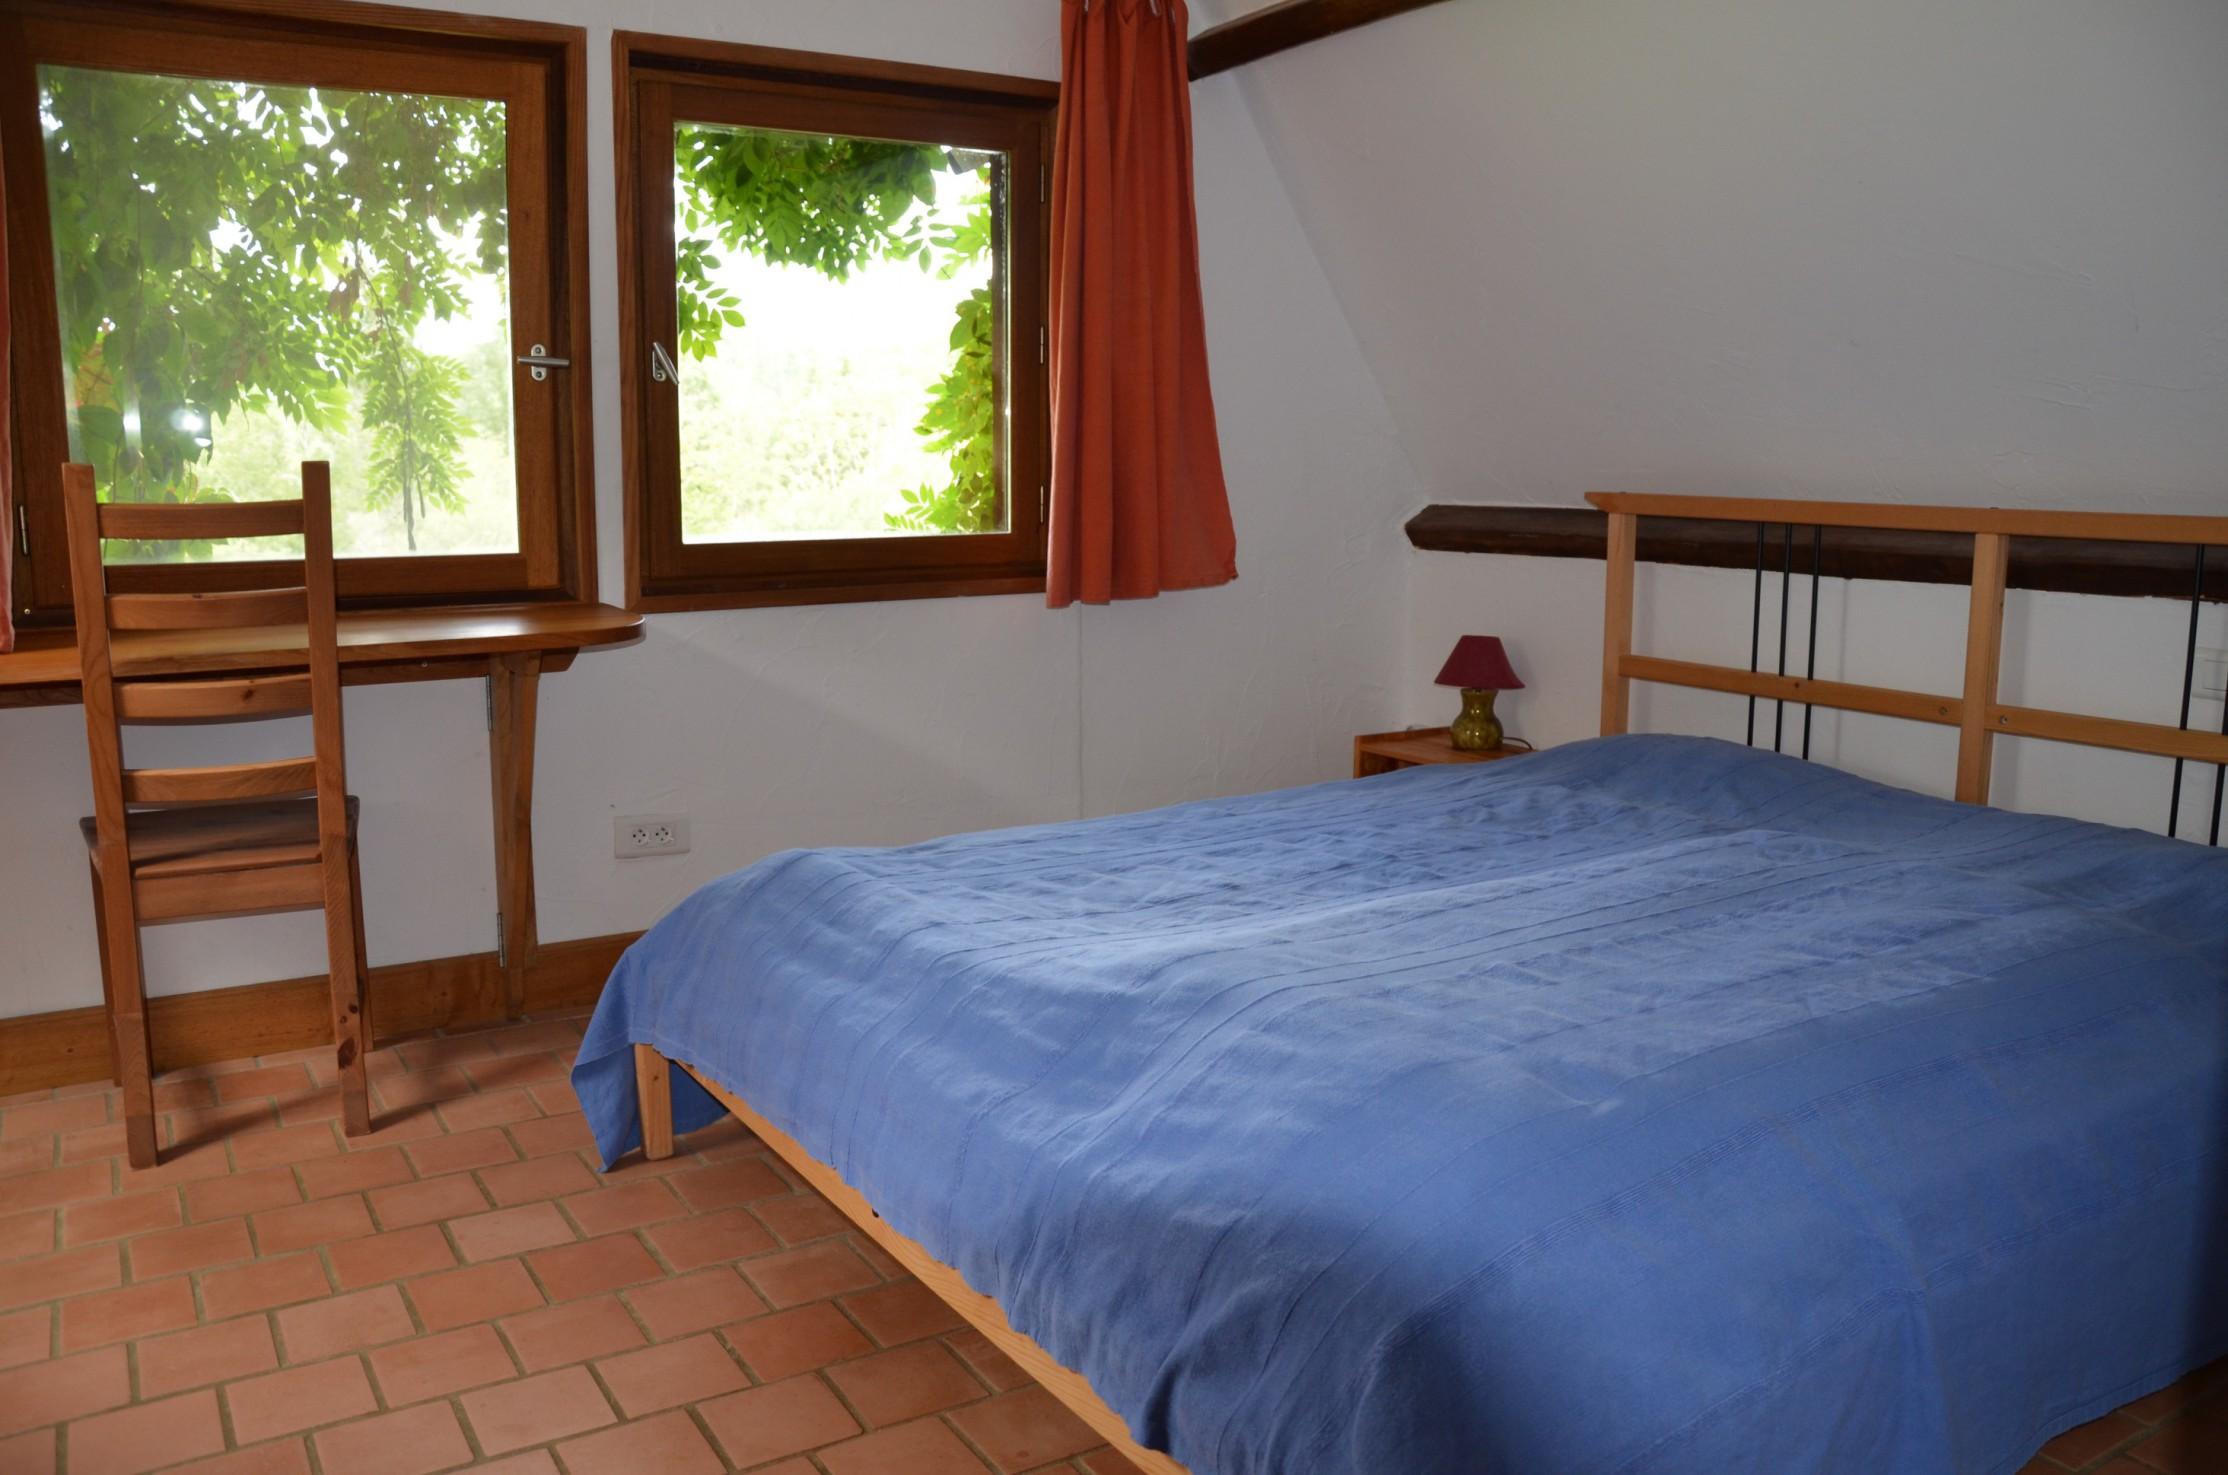 Fischerhaus Schlafzimmer Oben